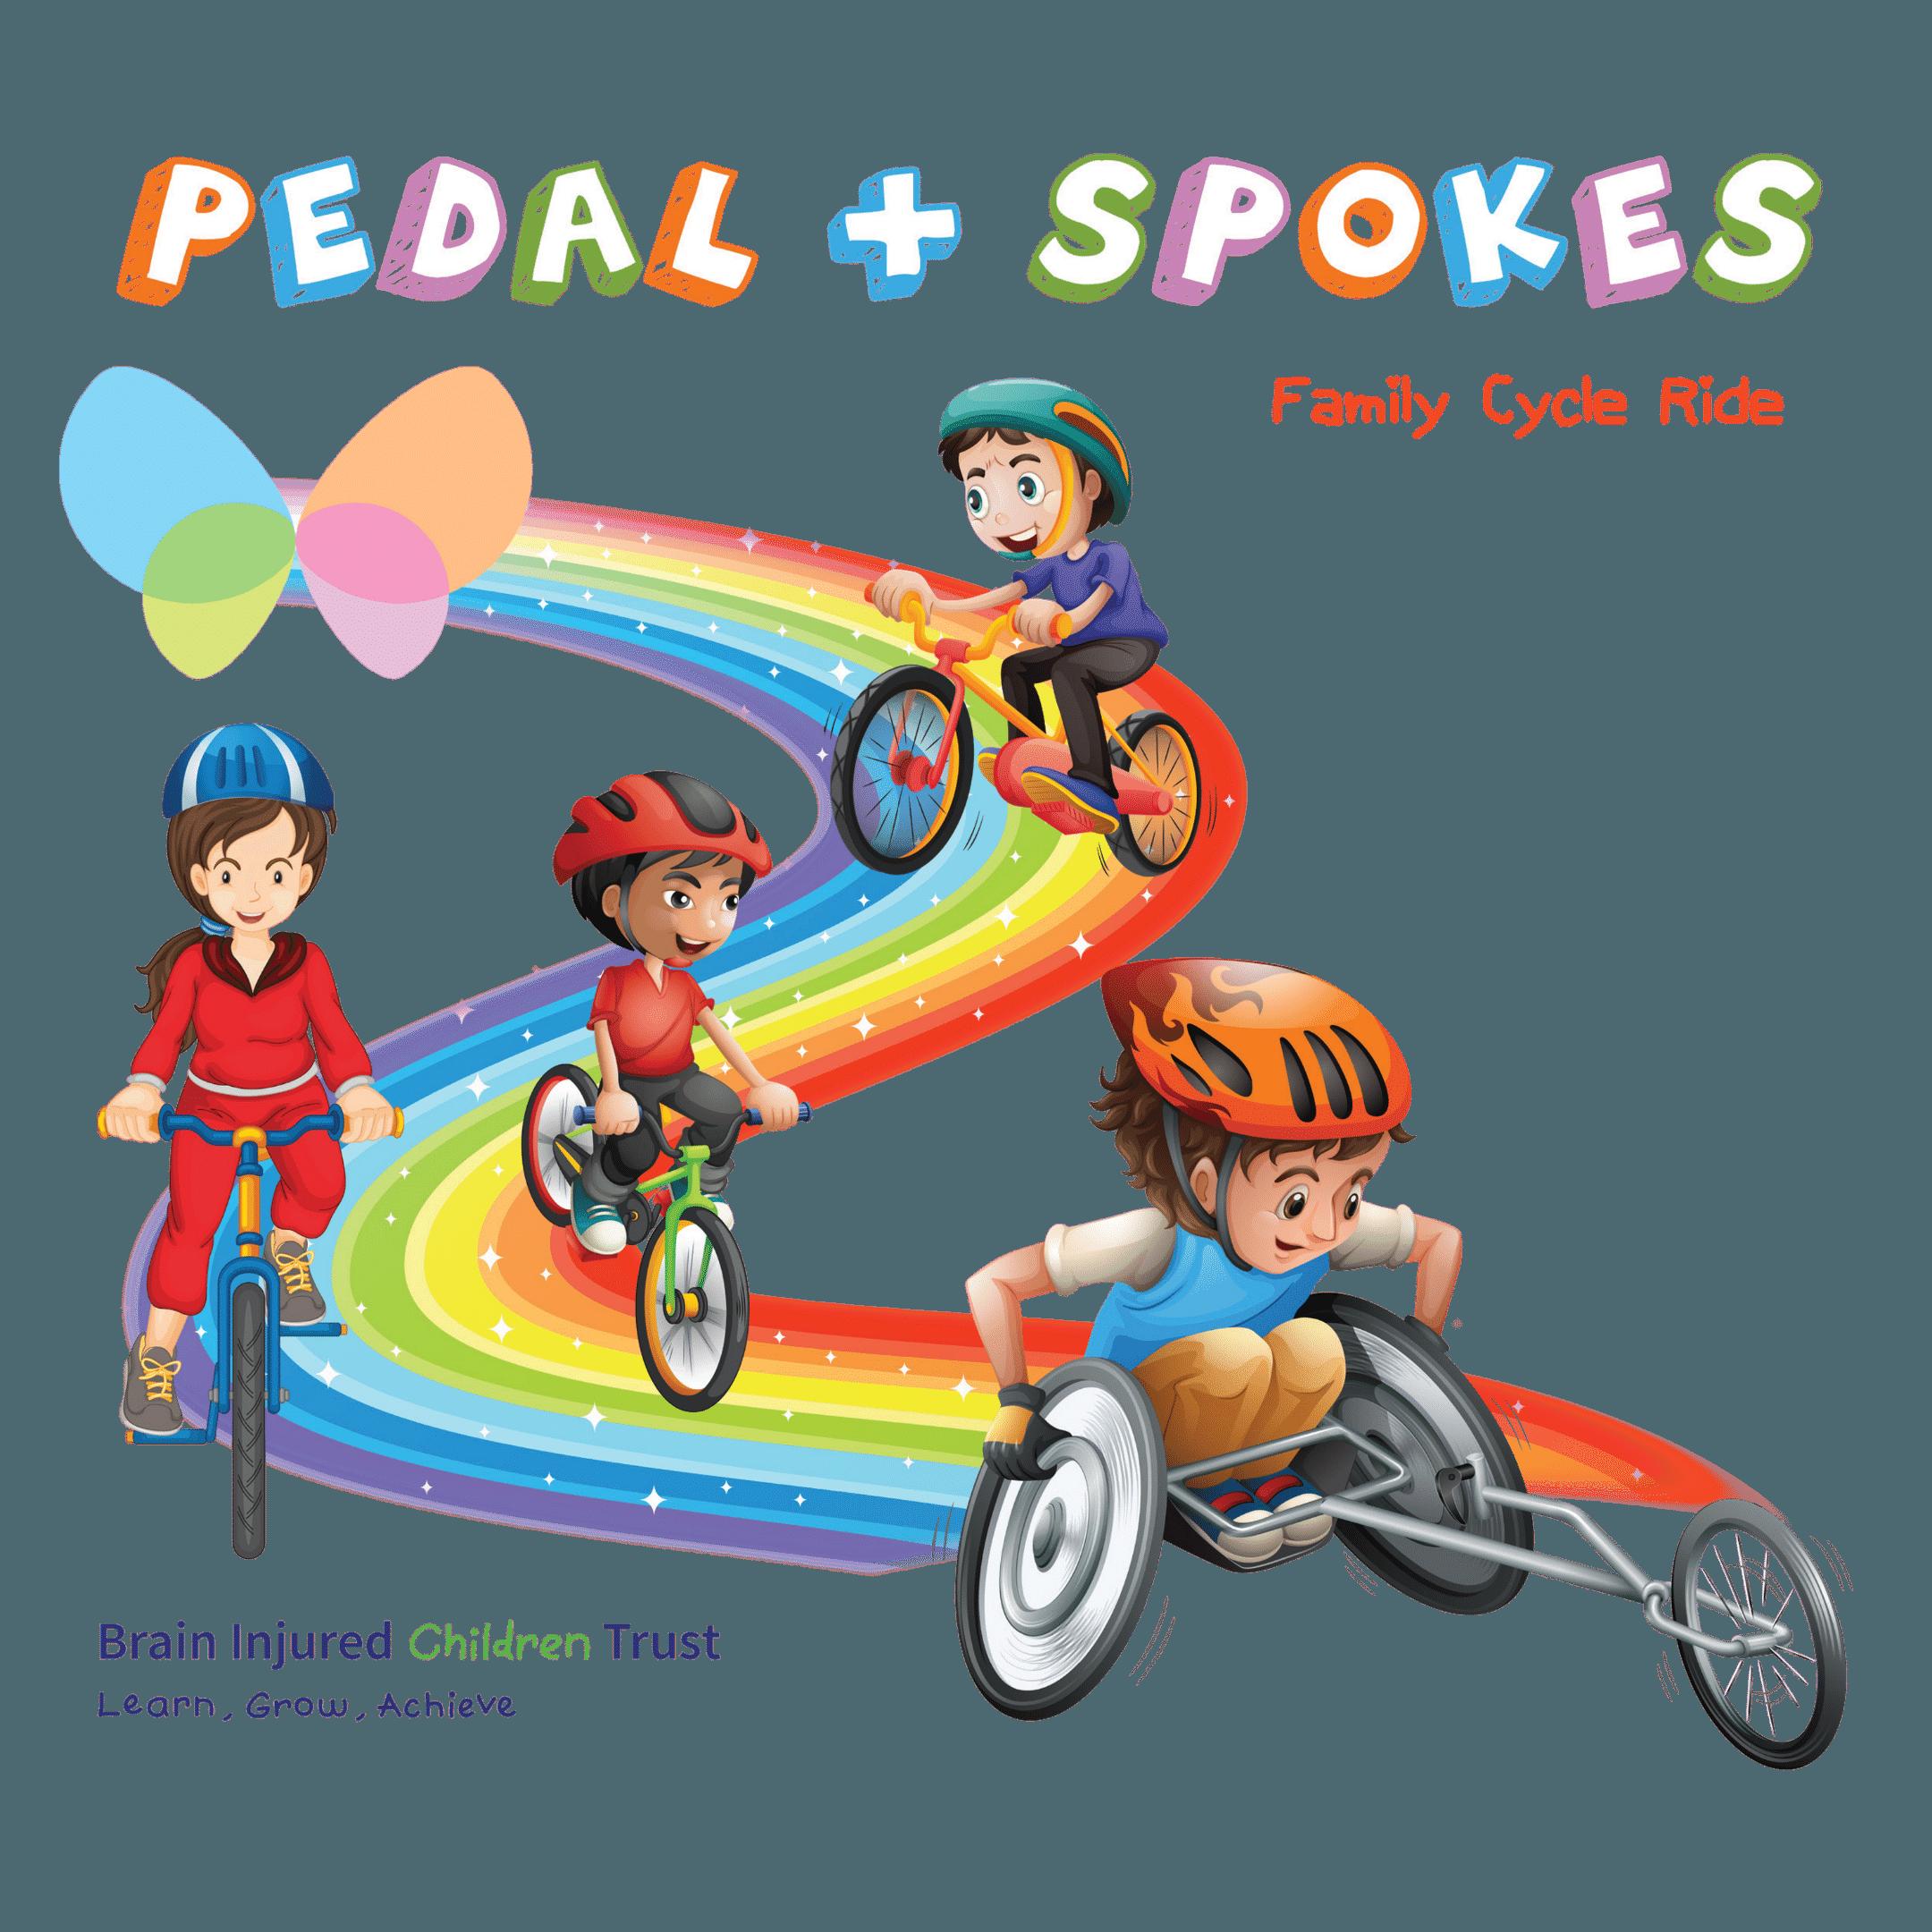 Pedal and spokes tauranga